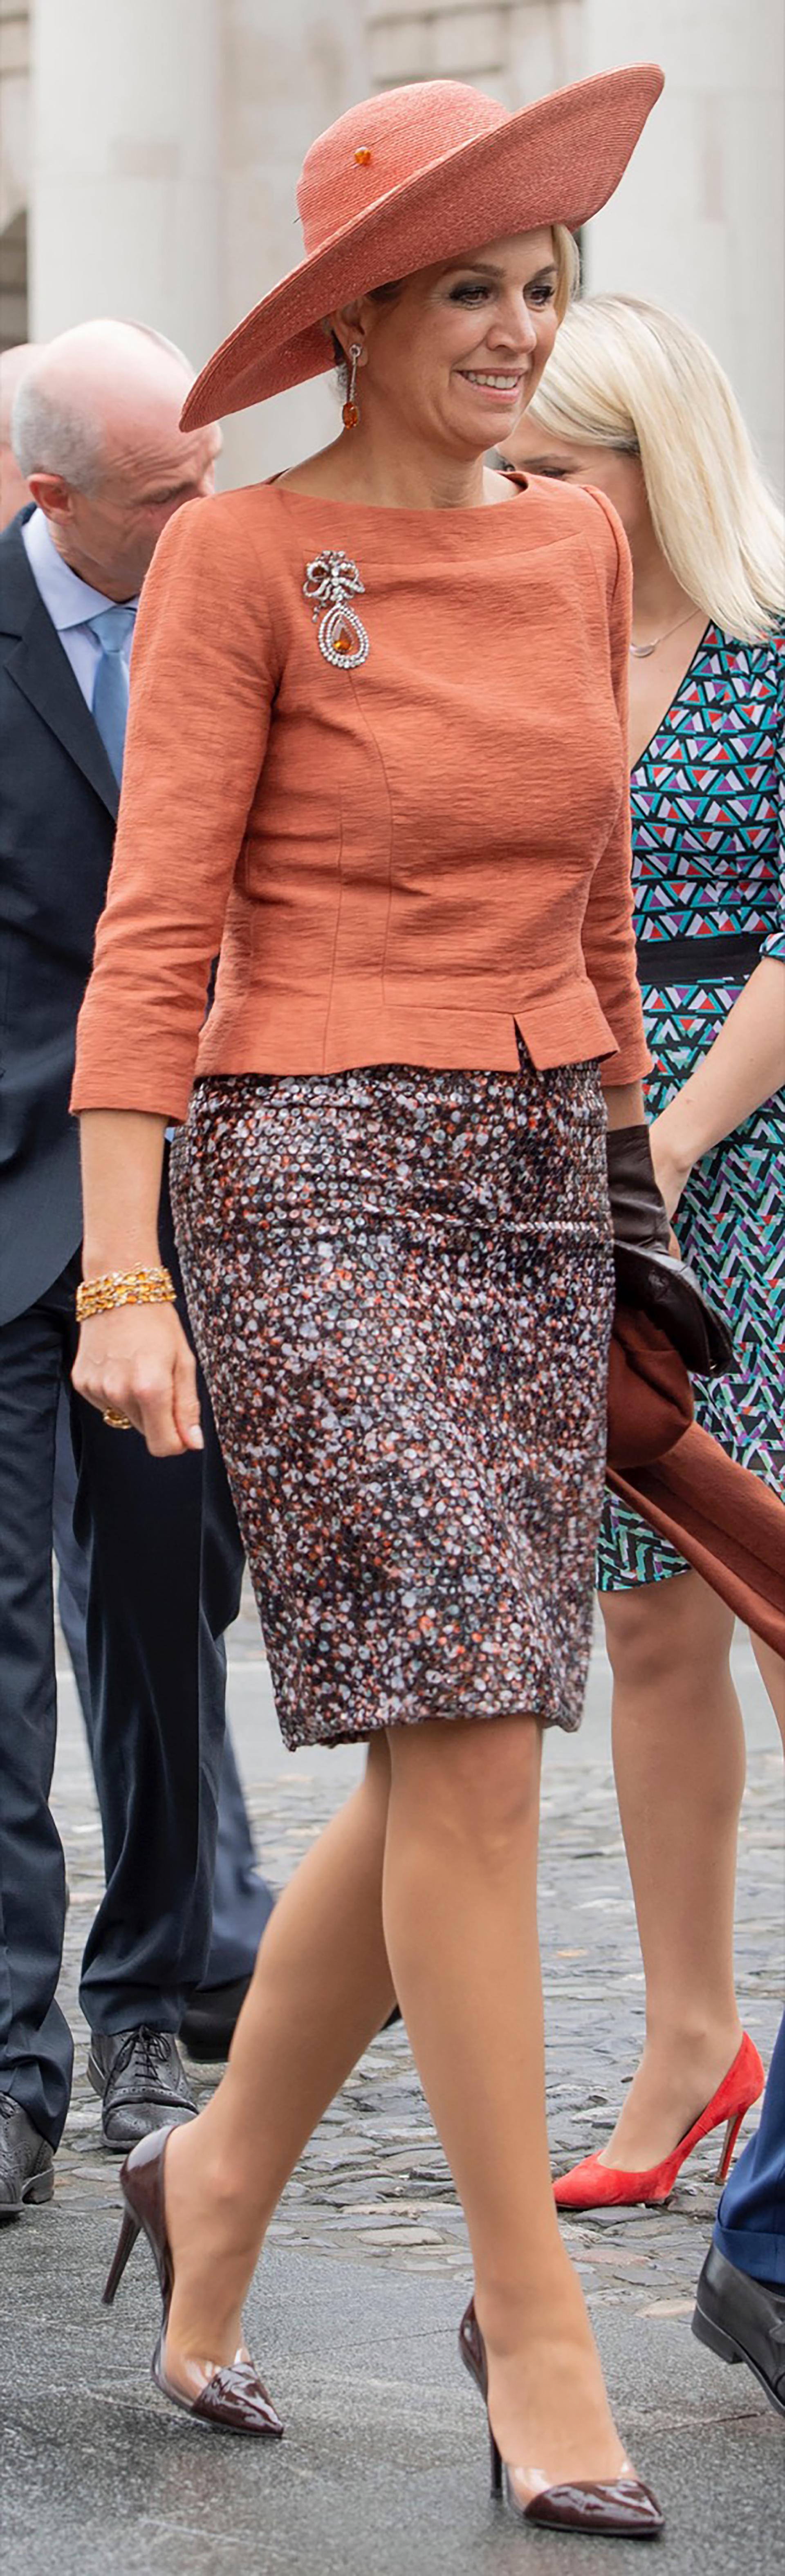 Al día siguiente volvió a brillar con esta falda midi de lentejuelas. Muy trendy.